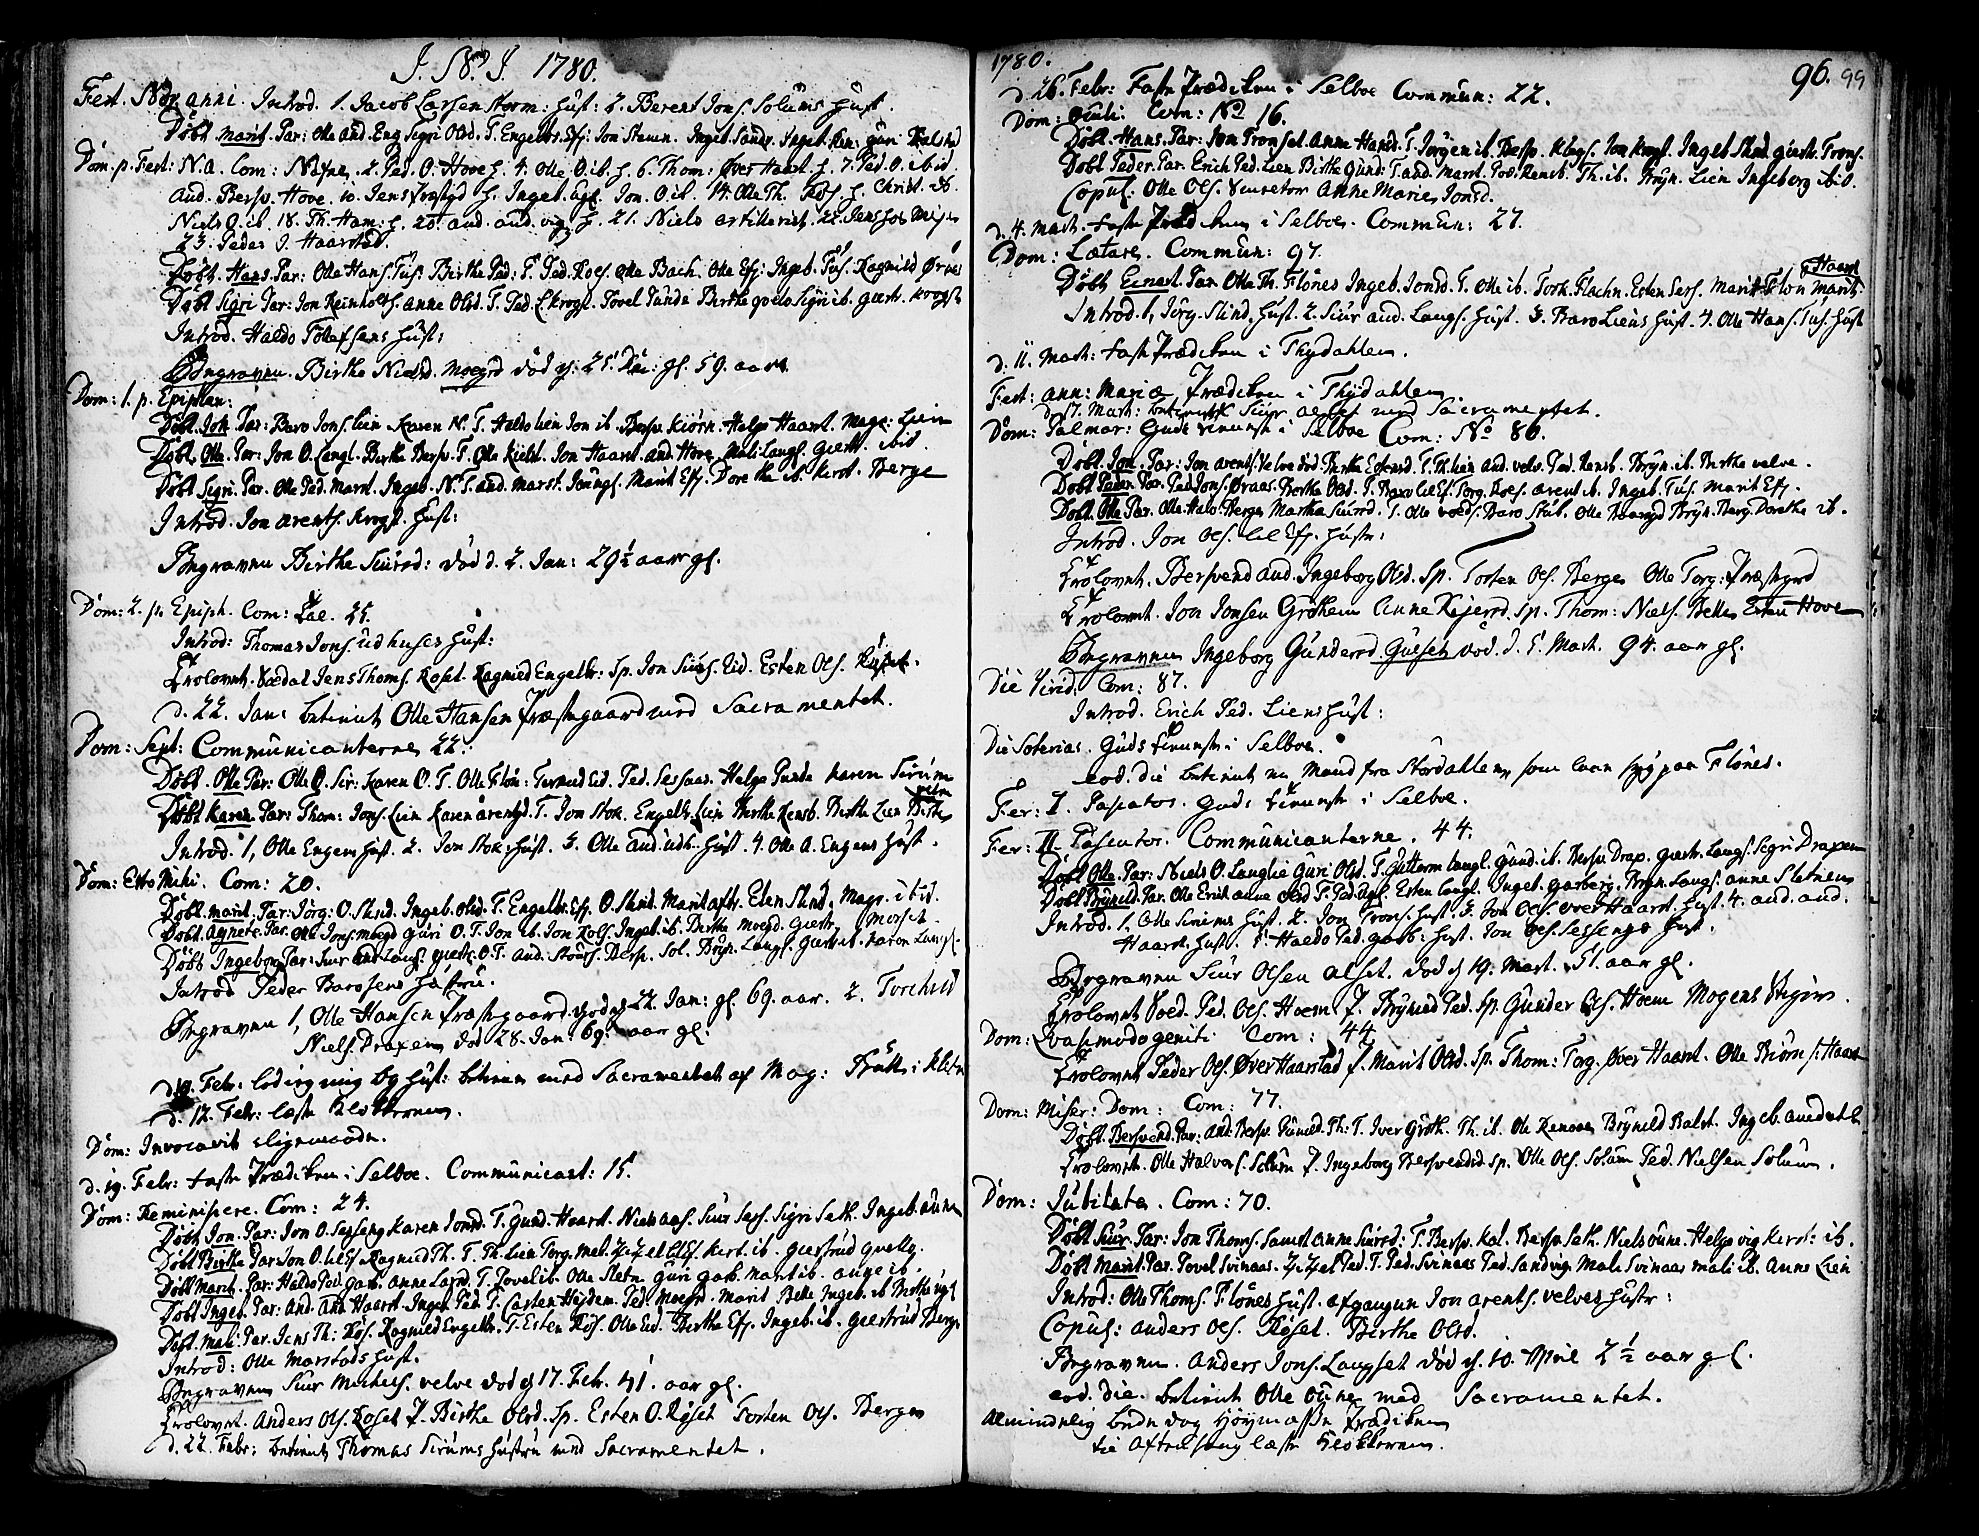 SAT, Ministerialprotokoller, klokkerbøker og fødselsregistre - Sør-Trøndelag, 695/L1138: Ministerialbok nr. 695A02 /1, 1757-1801, s. 99